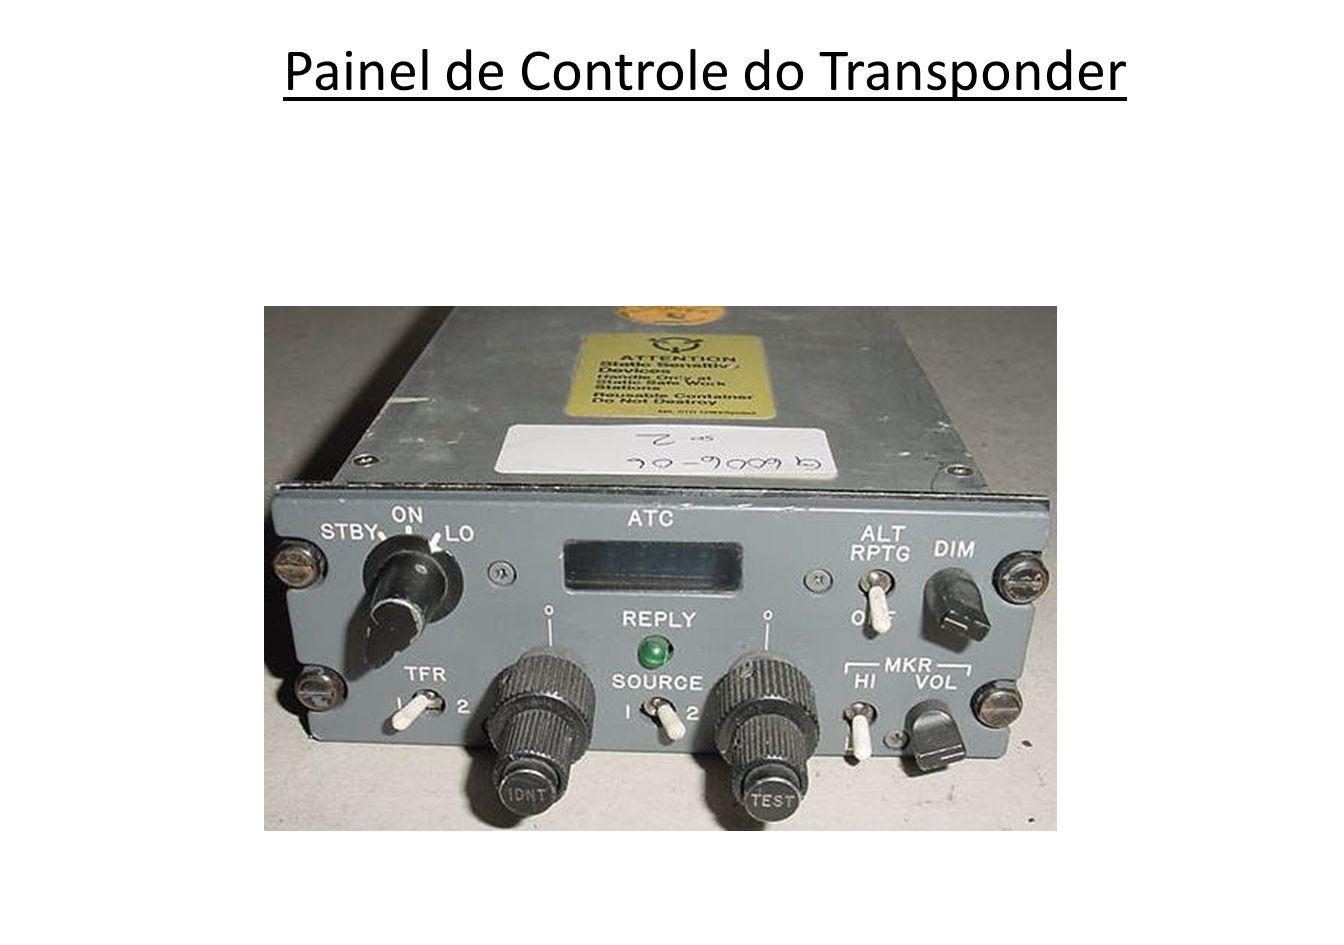 Painel de Controle do Transponder